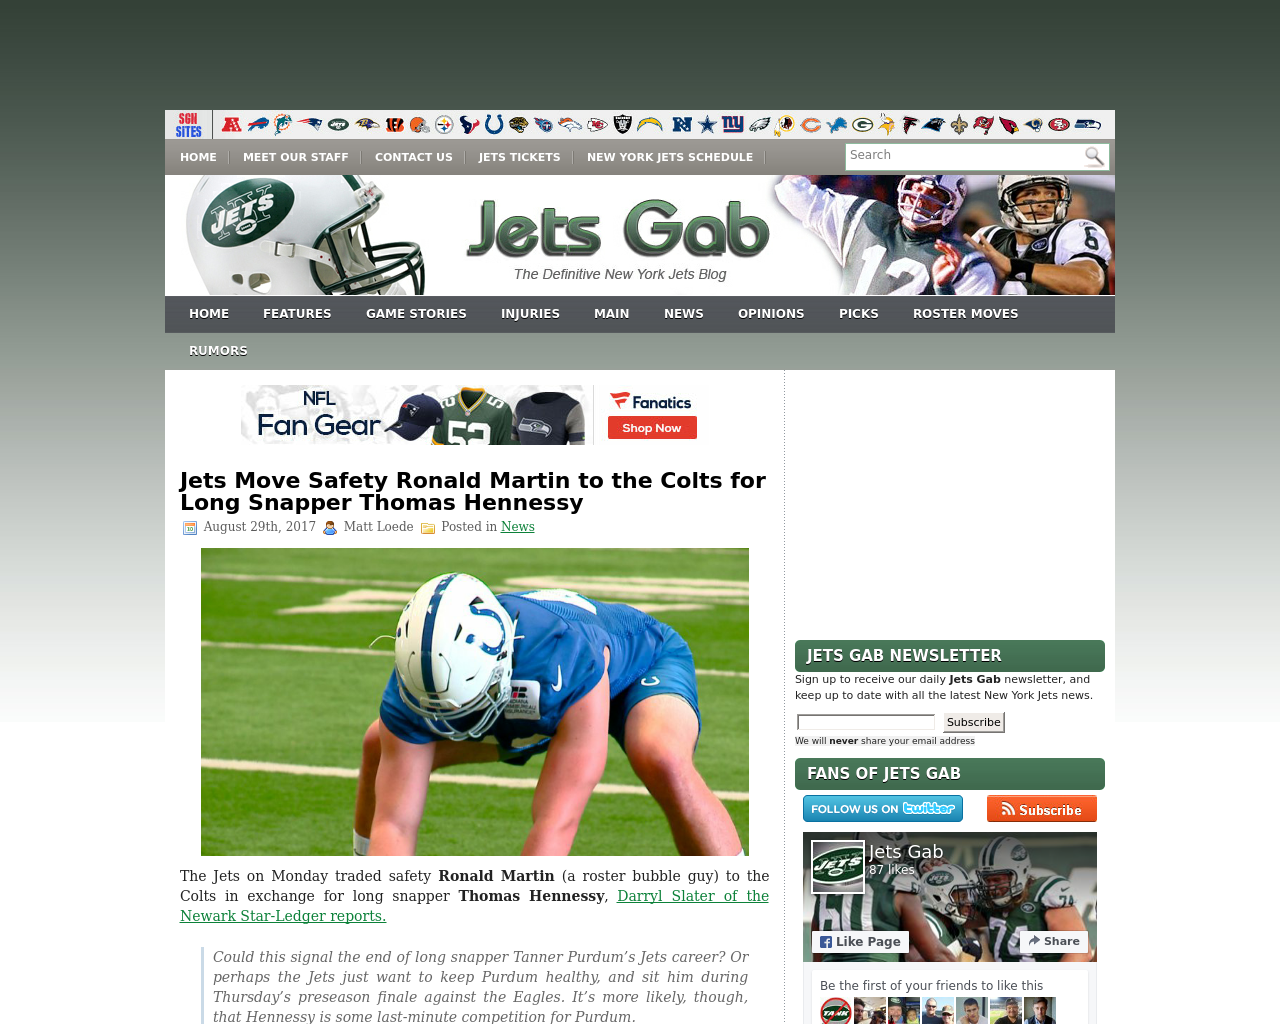 Jets-Gab-Advertising-Reviews-Pricing